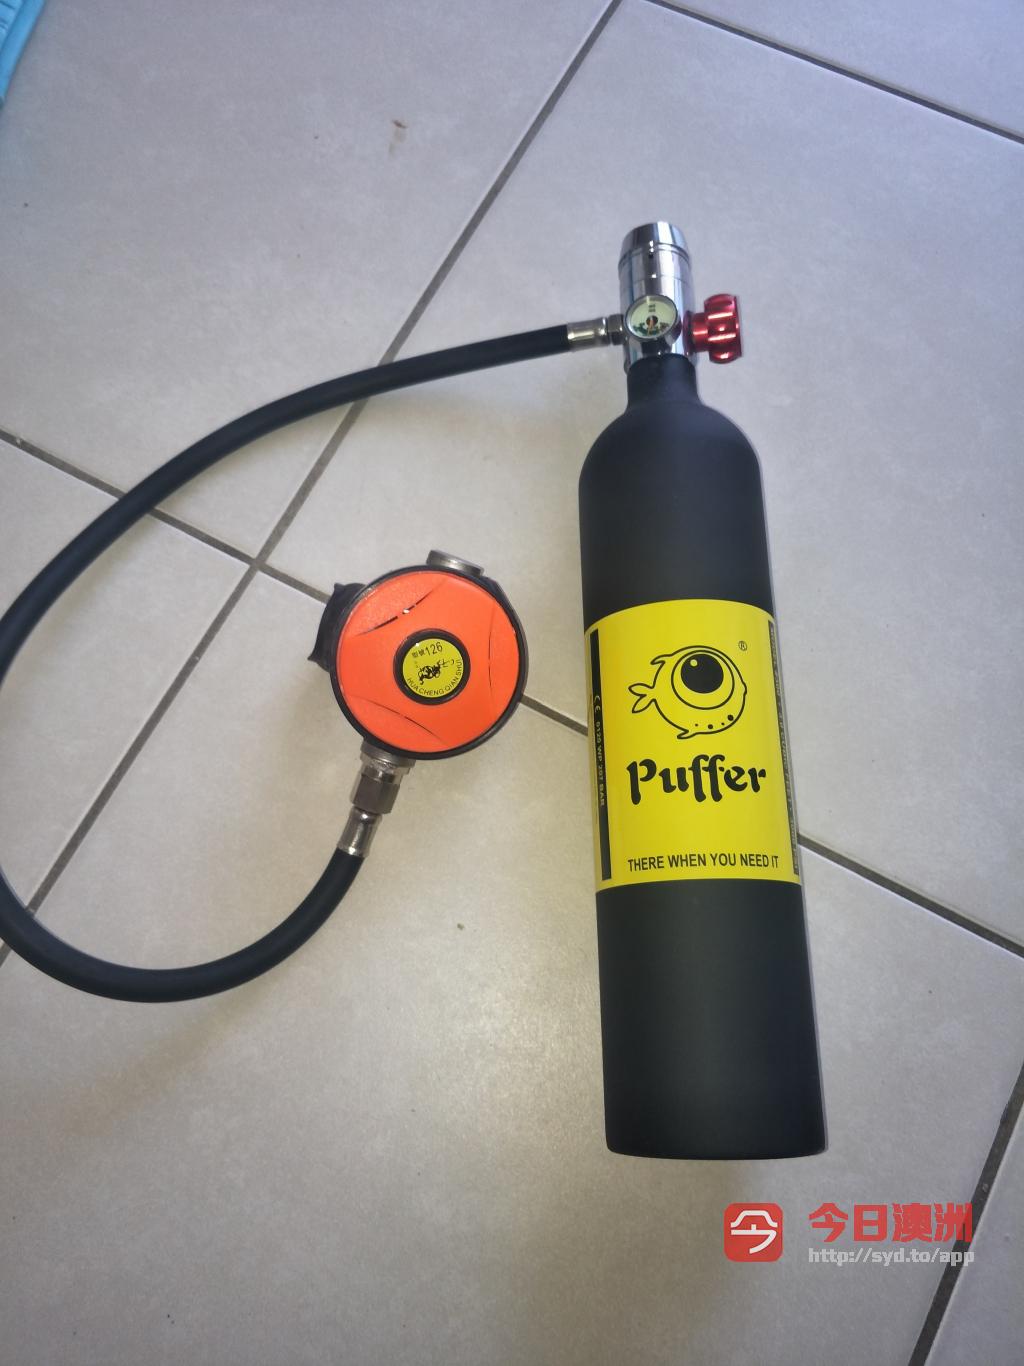 puffer潜水呼吸器深潜便携专业水下氧气罐鱼鳃游泳呼吸器全套装备